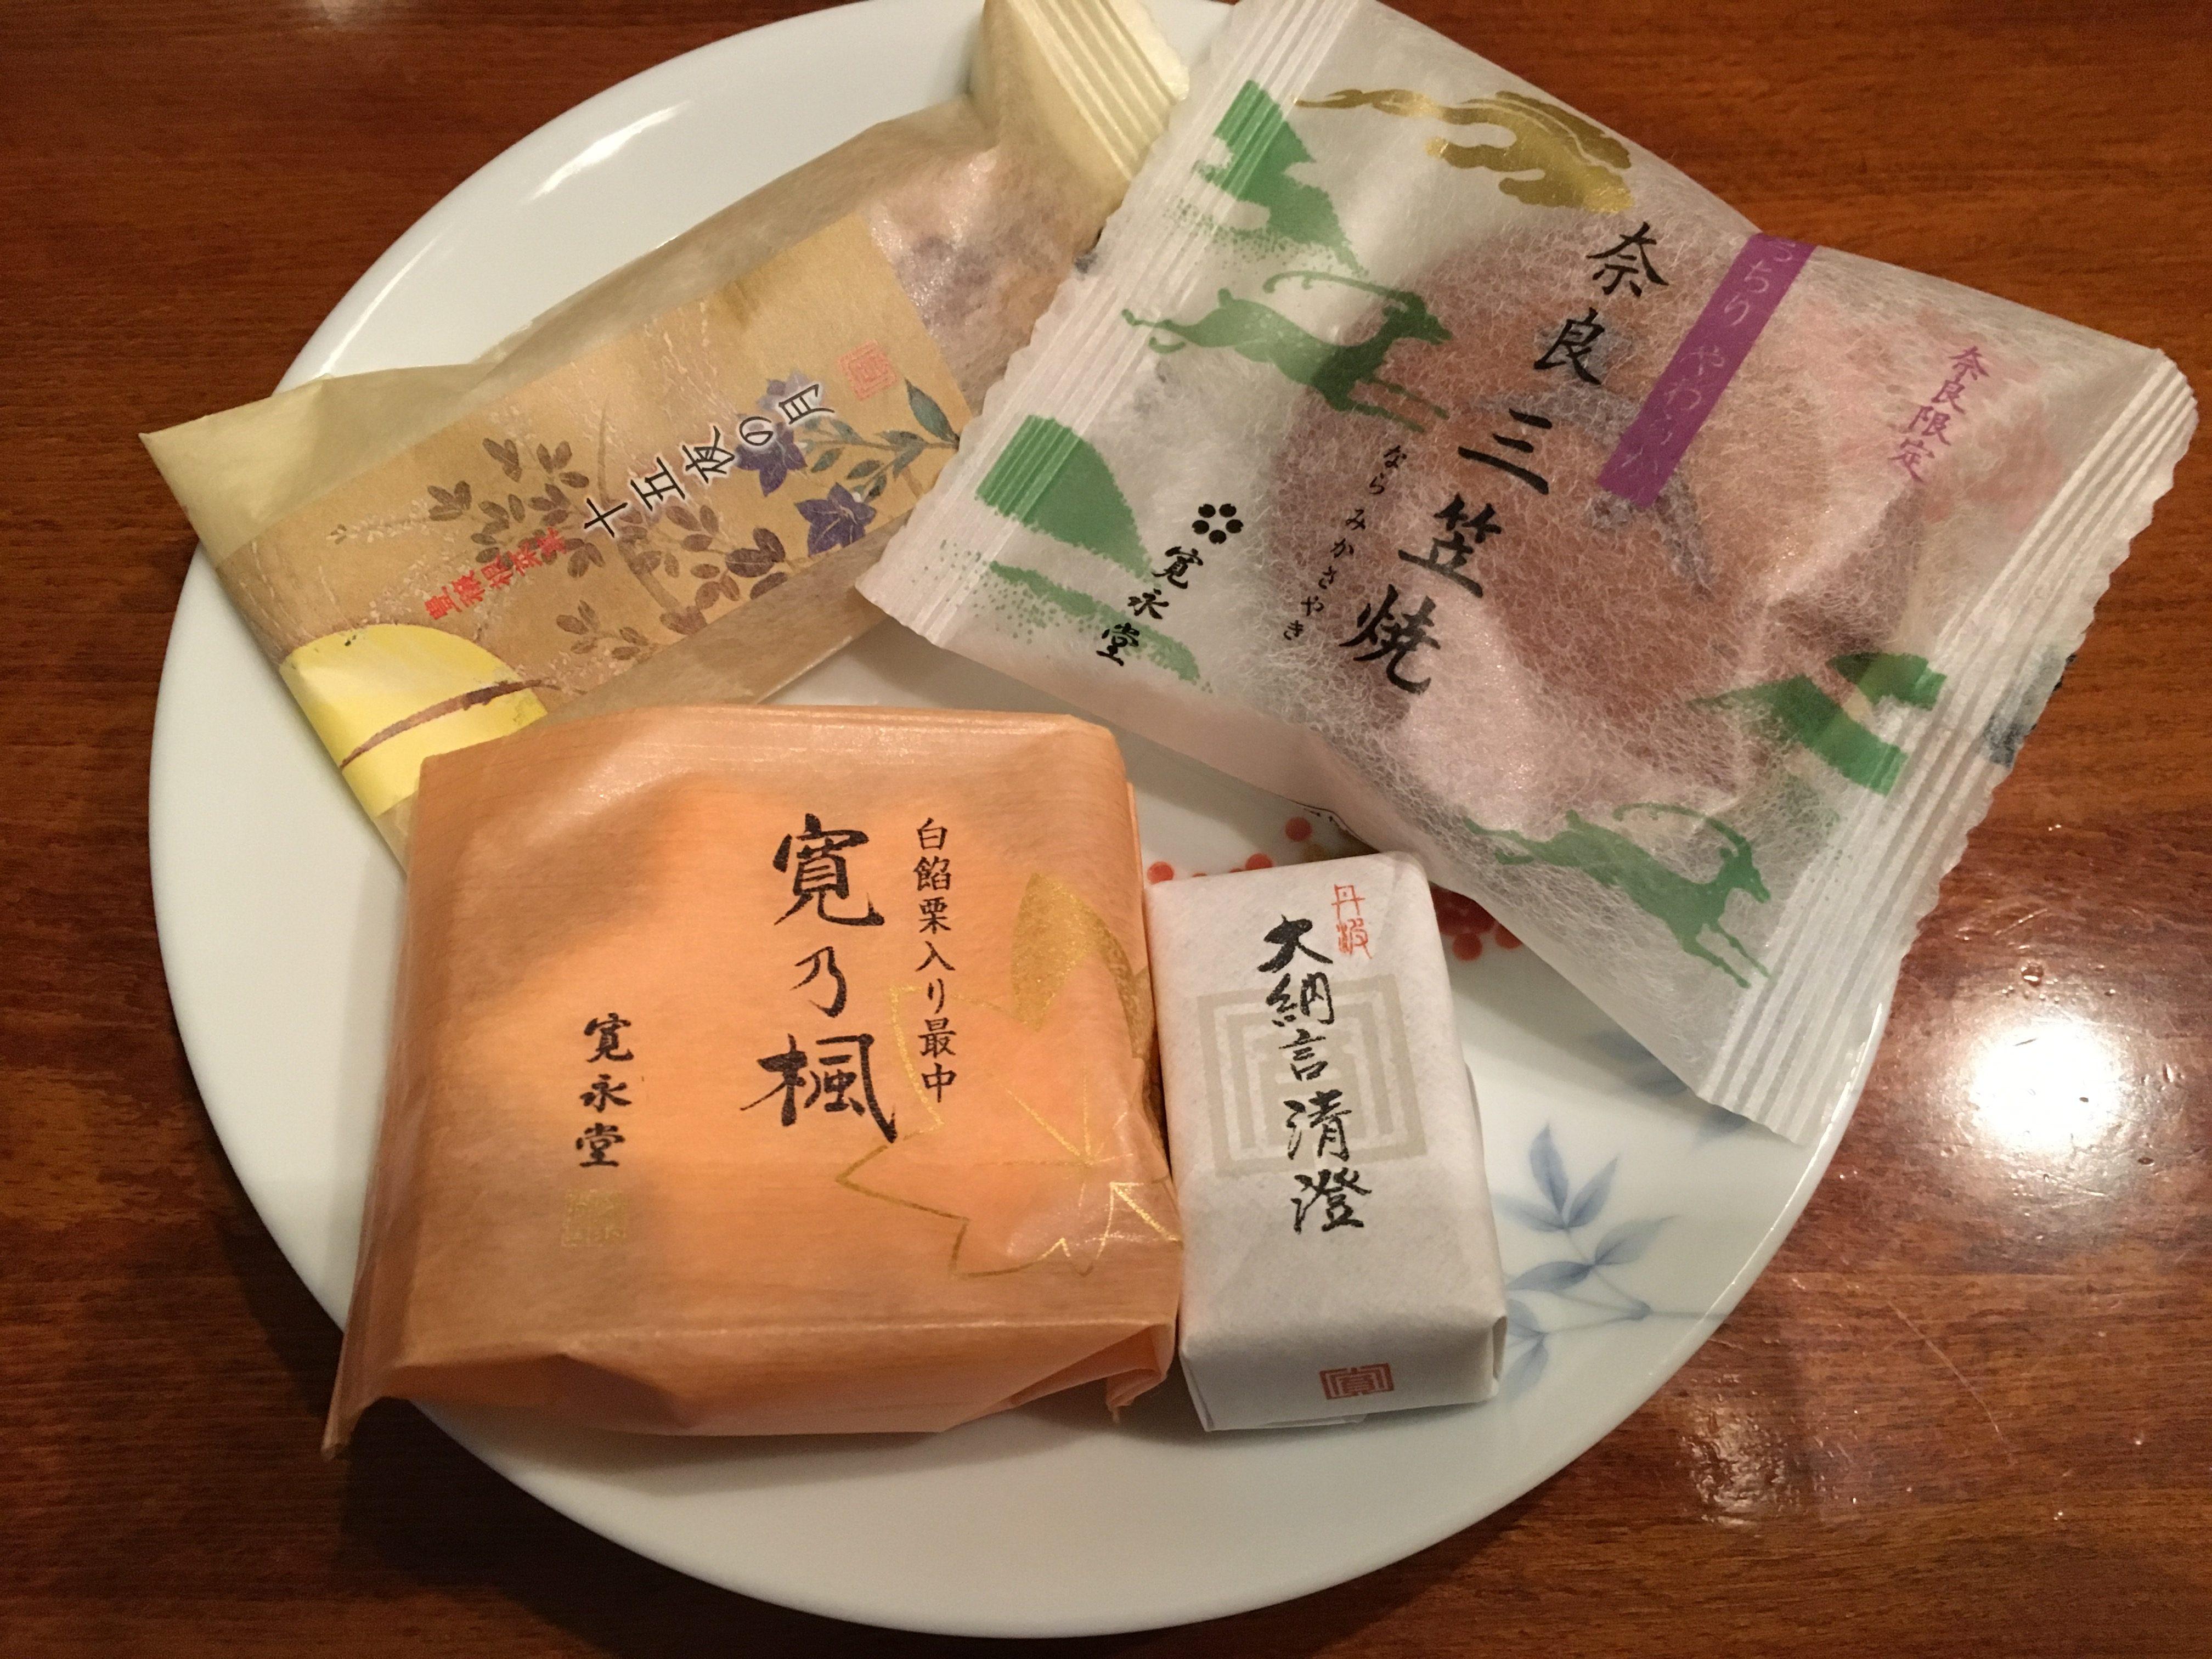 京都四条 寛永堂のおすすめ秋の和菓子を4種類を食べ比べ!